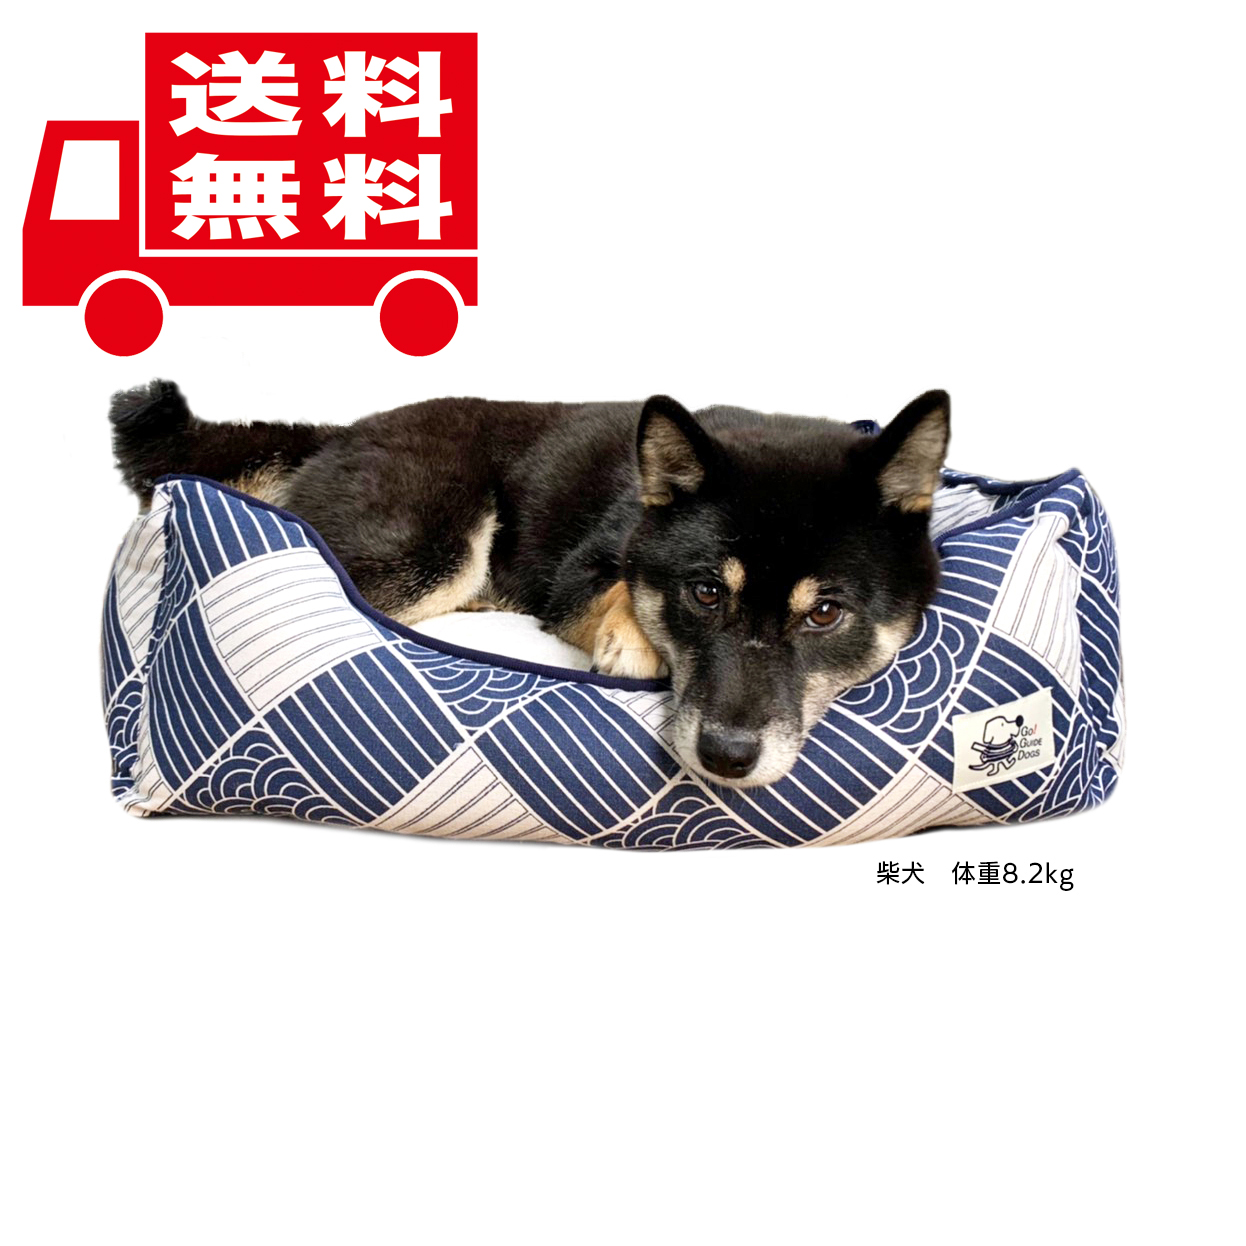 【送料無料!】盲導犬チャリティーベッド スクエアタイプ ひし柄 L